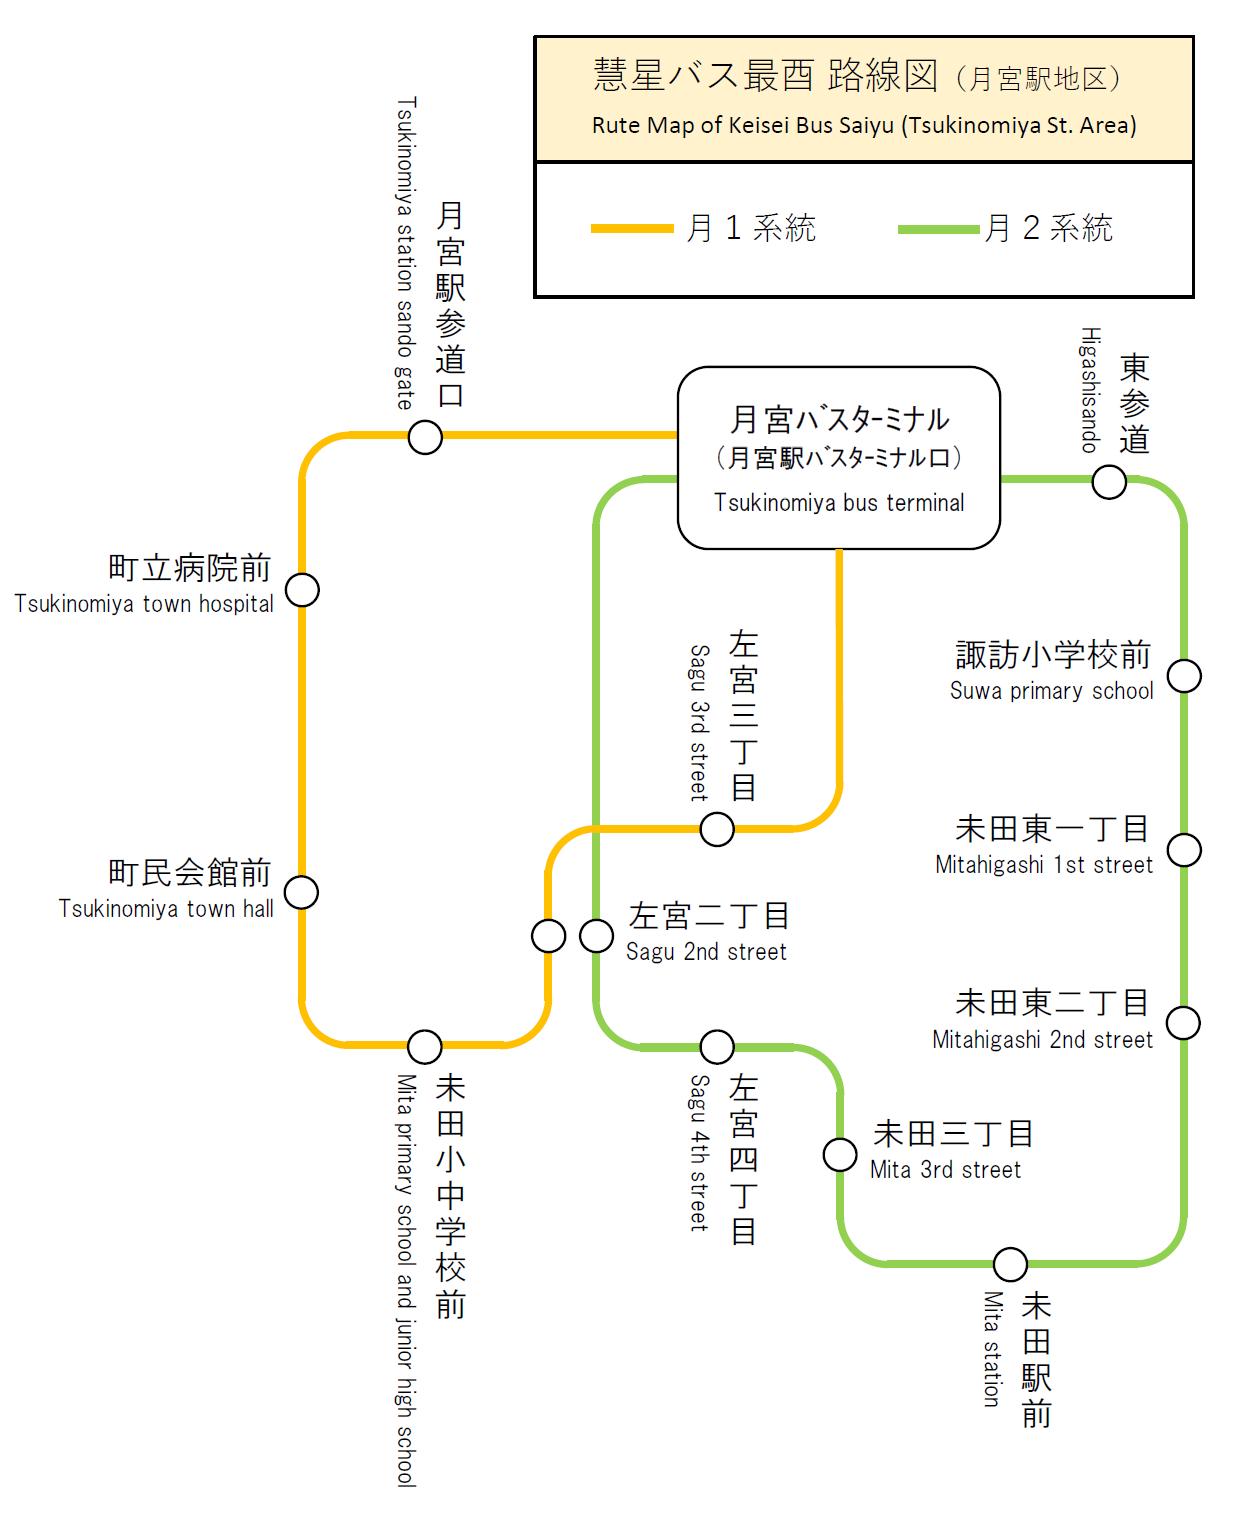 慧星バス最酉路線図(月宮地区).png